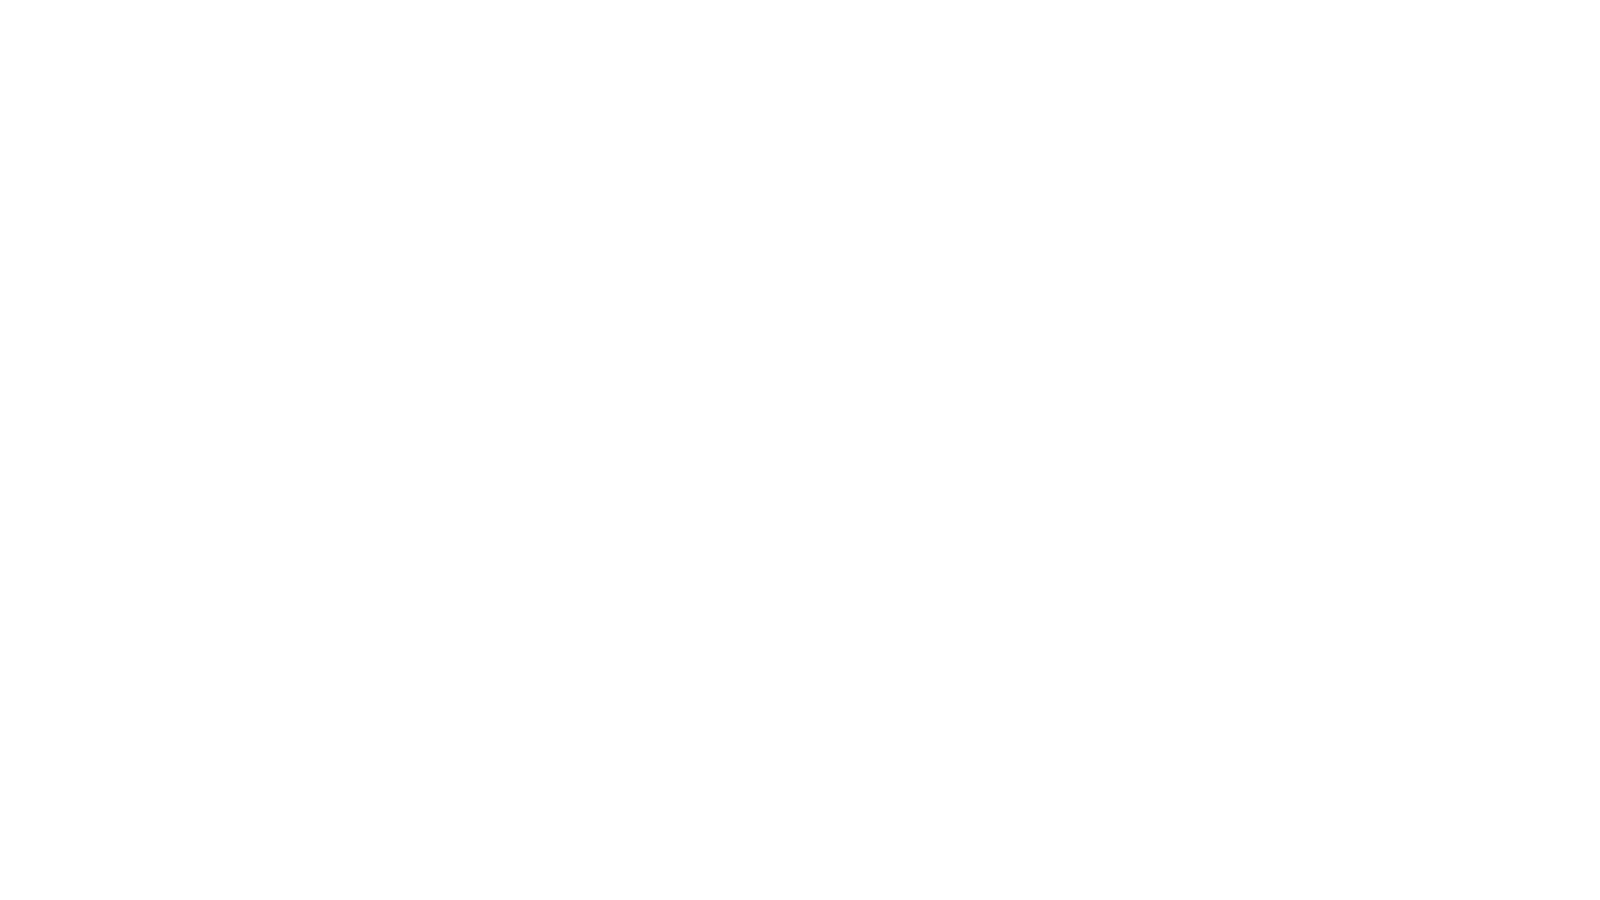 """🟠 NAJWAZNIEJSZE LINKI: ➡️ Darmowy kurs Bitcoina i kryptowalut: http://odkelneradomilionera.pl/kurs-bitcoina/ ➡️ Giełda Bitbay PL ► https://odkelneradomilionera.pl/bitbay/ ➡️ Giełda Binance PL ► https://odkelneradomilionera.pl/binance/ ➡️ Podstawy kryptowalut ► https://odkelneradomilionera.pl/bitcoin-i-kryptowaluty-dla-poczatkujacych/ ➡️ Moja strategia inwestowania ►https://odkelneradomilionera.pl/jak-inwestowac-w-kryptowaluty-podstawy/ ➡️ Portal Coinbase ► https://odkelneradomilionera.pl/coinbase/ ➡️ Giełda Bitcon.de ► https://odkelneradomilionera.pl/bitcoinde/ ➡️ Portfel mobilny Coinomi ► https://www.coinomi.com/ ➡️ Bitaddress ► https://www.bitaddress.org/ ➡️ Ledger ► https://odkelneradomilionera.pl/ledger/ ➡️ Blockchain.com ► https://www.blockchain.com/explorer/ ➡️ Wykresy i dane ► https://www.blockchain.com/charts/  ★☆★ ZOBACZ POSTA NA BLOGU: ★☆★ http://odkelneradomilionera.pl/jak-przejsc-na-emeryture-dzieki-bitcoinowi-w-2030-roku/  W tym filmie przedstawię Wam nieszablonowy i trochę szalony (tylko na pierwszy rzut oka) plan emerytalny oraz podpowiem jaką dokładnie ilość Bitcoina trzeba będzie posiadać za 10 lat, aby przejść na 30-letnią emeryturę w Polsce. Dowiecie się również jak może kształtować się cena Bitcoina za 10 lat oraz ile tej kryptowaluty pozwoli przeżyć Wam przez 30 lat w Polsce bez pracy (i nie tylko w Polsce) przy jednoczesnym zachowaniu przyzwoitej stopy życiowej. Poćwiczymy dzisiaj planowanie długoterminowe i cierpliwość. 🙂  ★☆★ SUBSKRYBUJ MNIE NA YOUTUBE: ★☆★ Subskrybuj ► http://www.youtube.com/c/TomaszMicherda   ★☆★ MOJA KSIĄŻKA: ★☆★ Książka """"Od Kelnera Do Milionera"""" ► https://odkelneradomilionera.pl/ksiazka/  ★☆★ POLUB MOJE STRONY NA: ★☆★ Artykuły i kursy ► http://www.odkelneradomilionera.pl Podcast ► https://odkelneradomilionera.pl/podcast/ Facebook ► https://www.facebook.com/OdKelneraDoMilioneraTomaszMicherda/ Instagram ► https://www.instagram.com/odkelneradomilionera/  ★☆★ MOJE PRODUKTY I KURSY: ★☆★ Darmowy kurs Amazona i biznesu online ► """